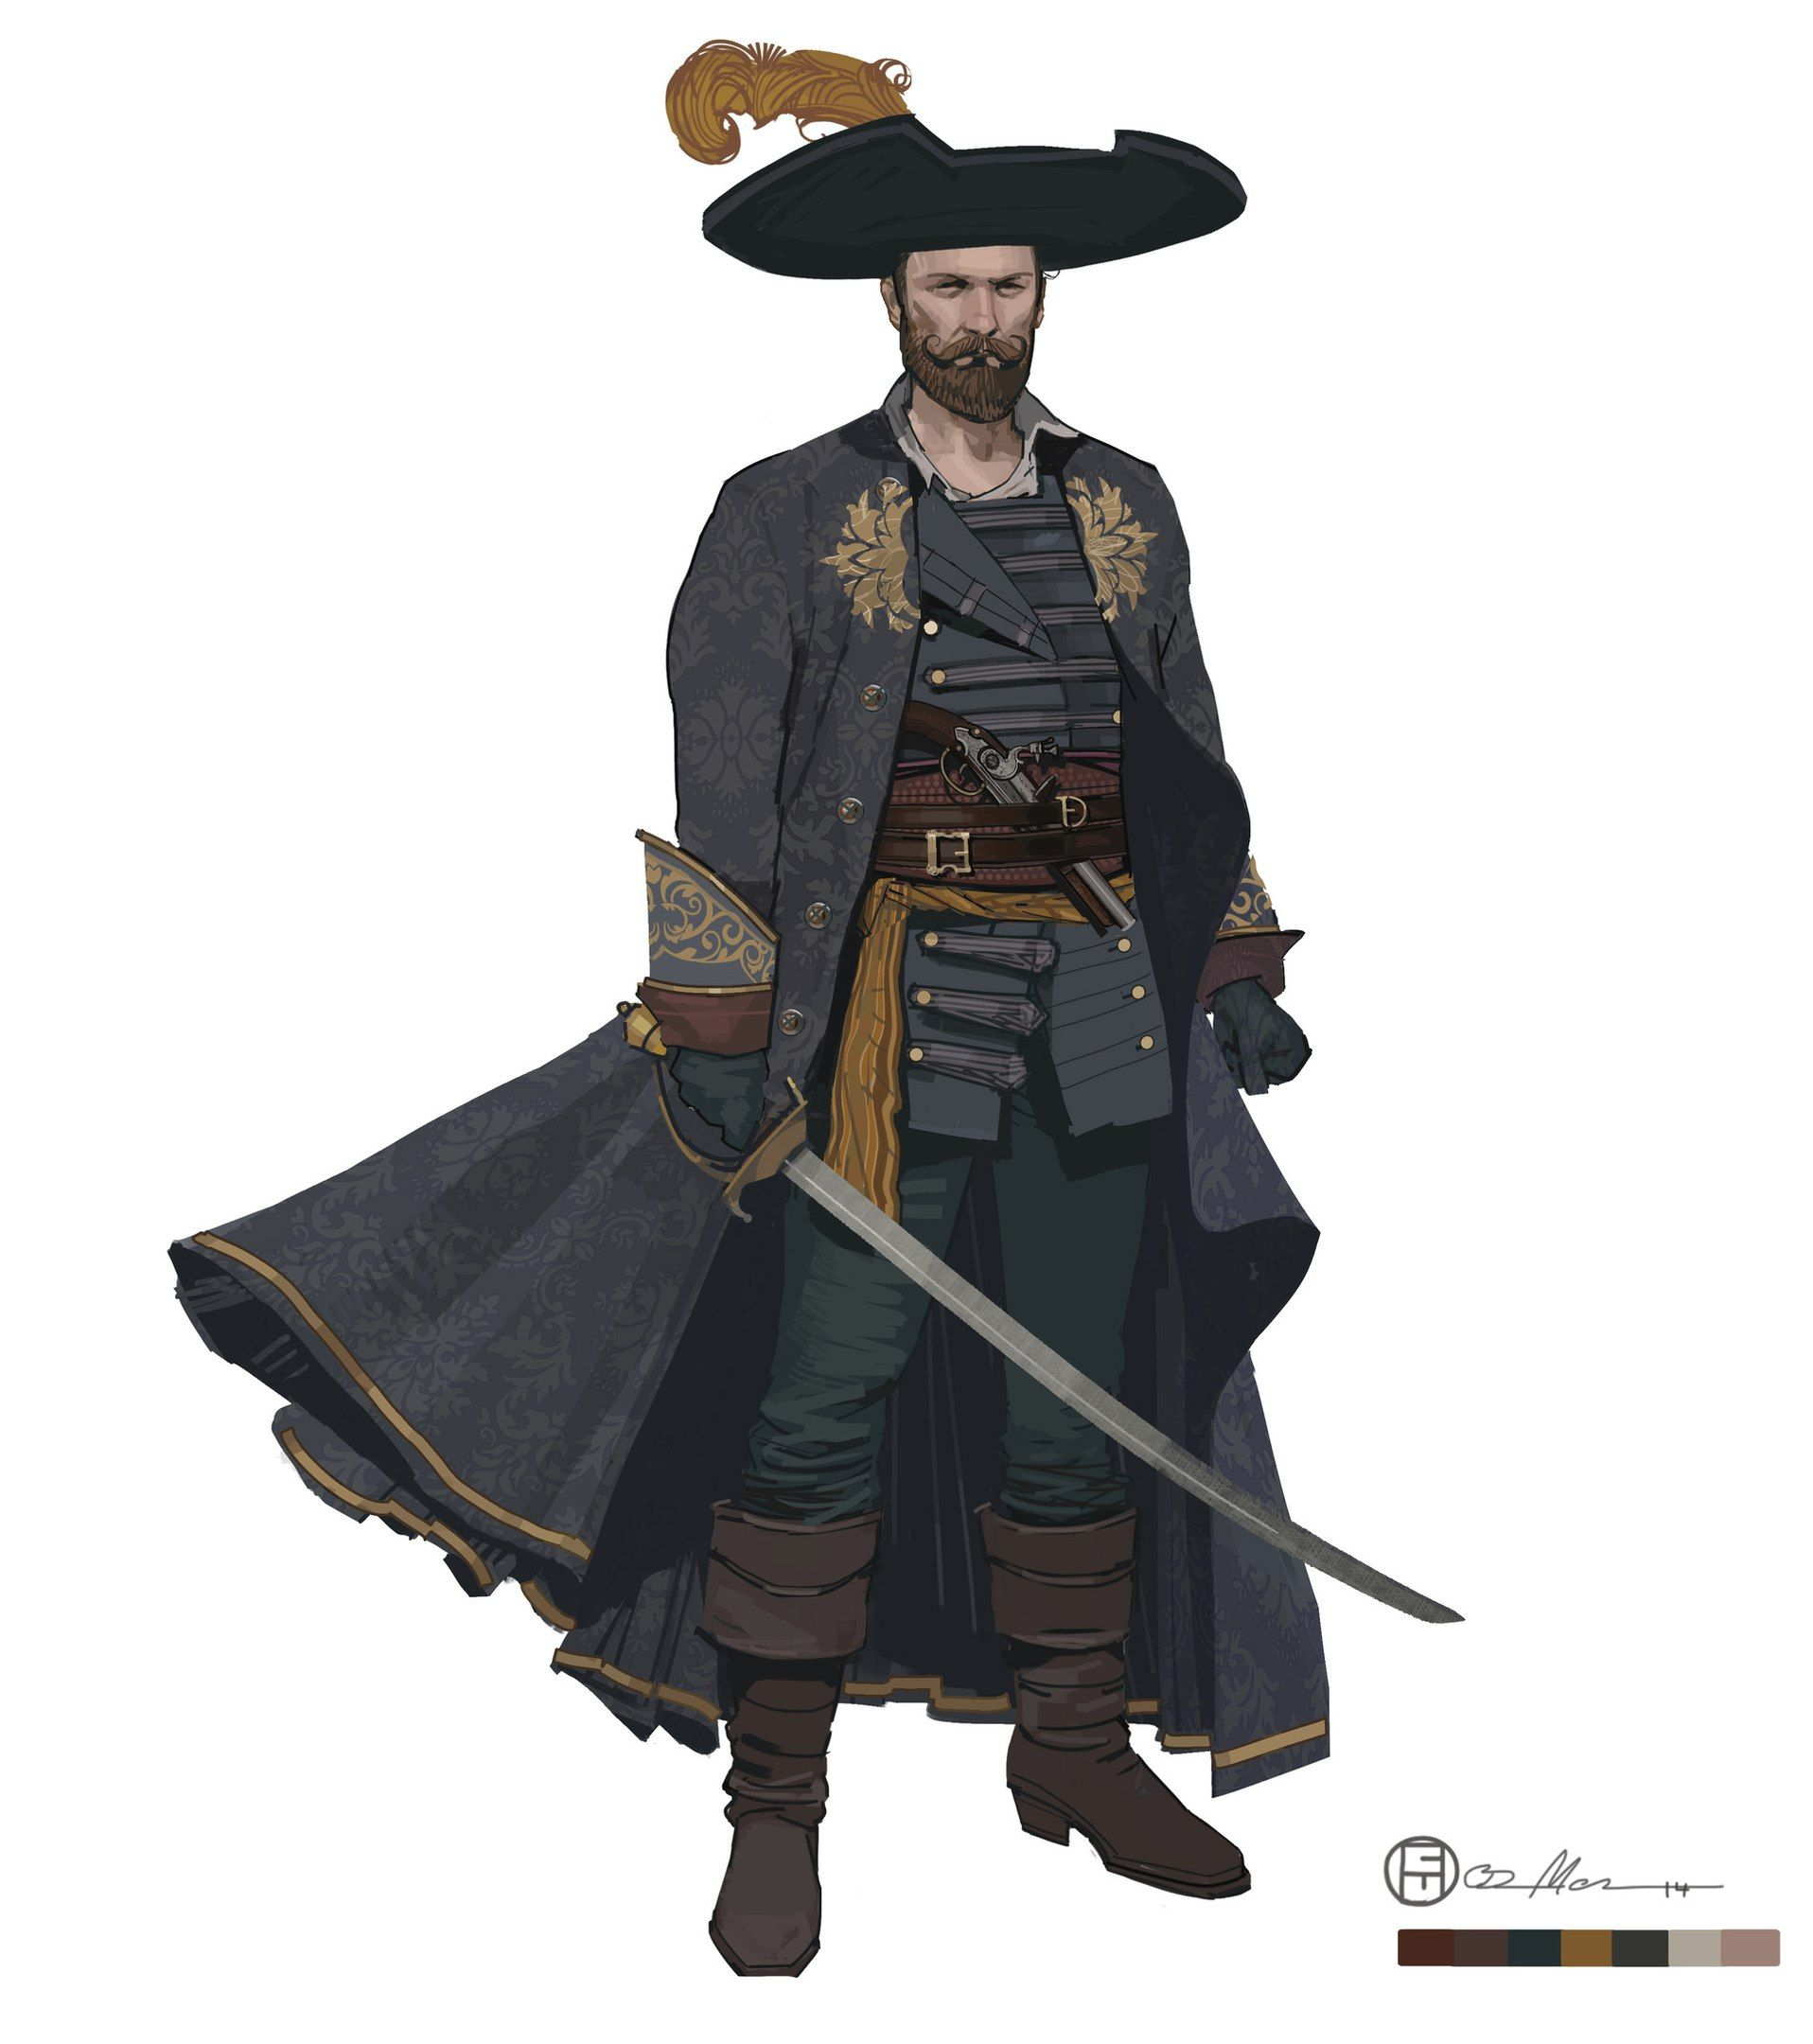 производители капитан пиратов арты встречи